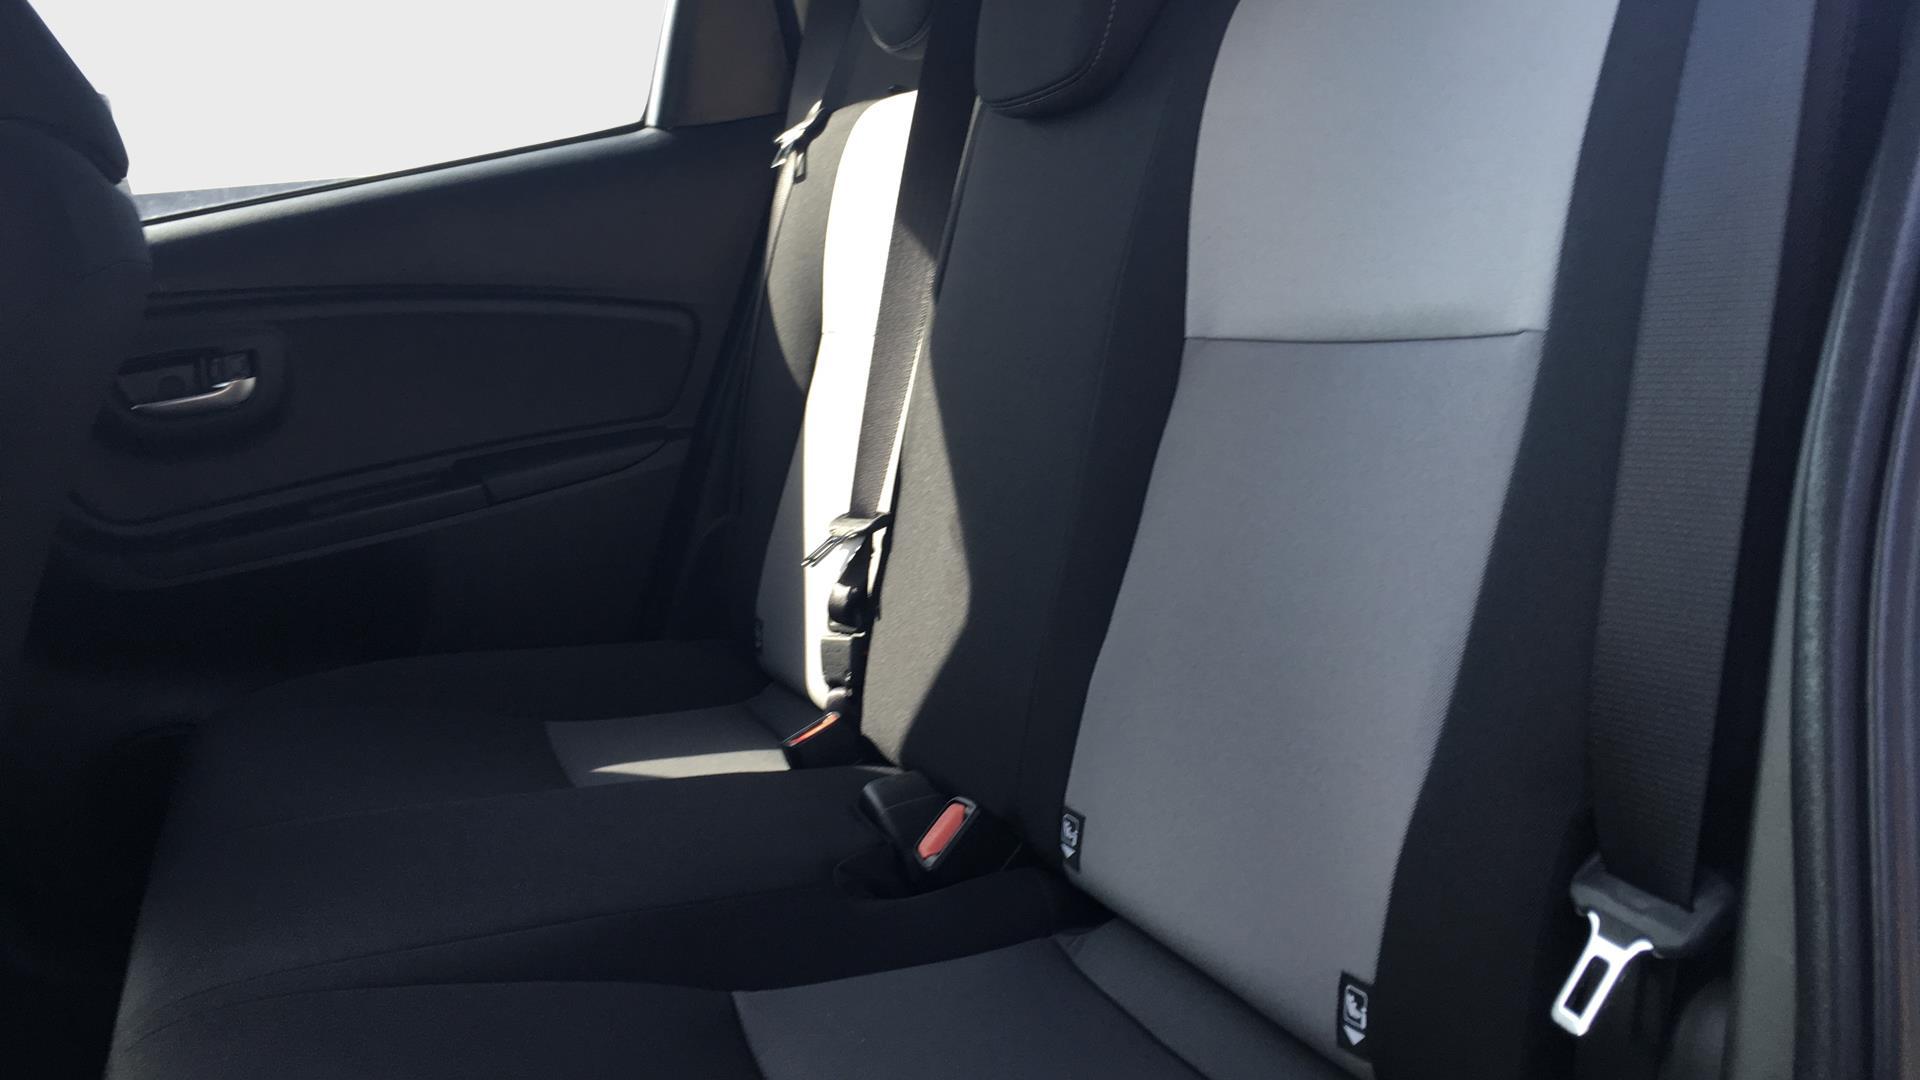 Billede af Toyota Yaris 1,5 B/EL H3 E-CVT 100HK 5d Trinl. Gear